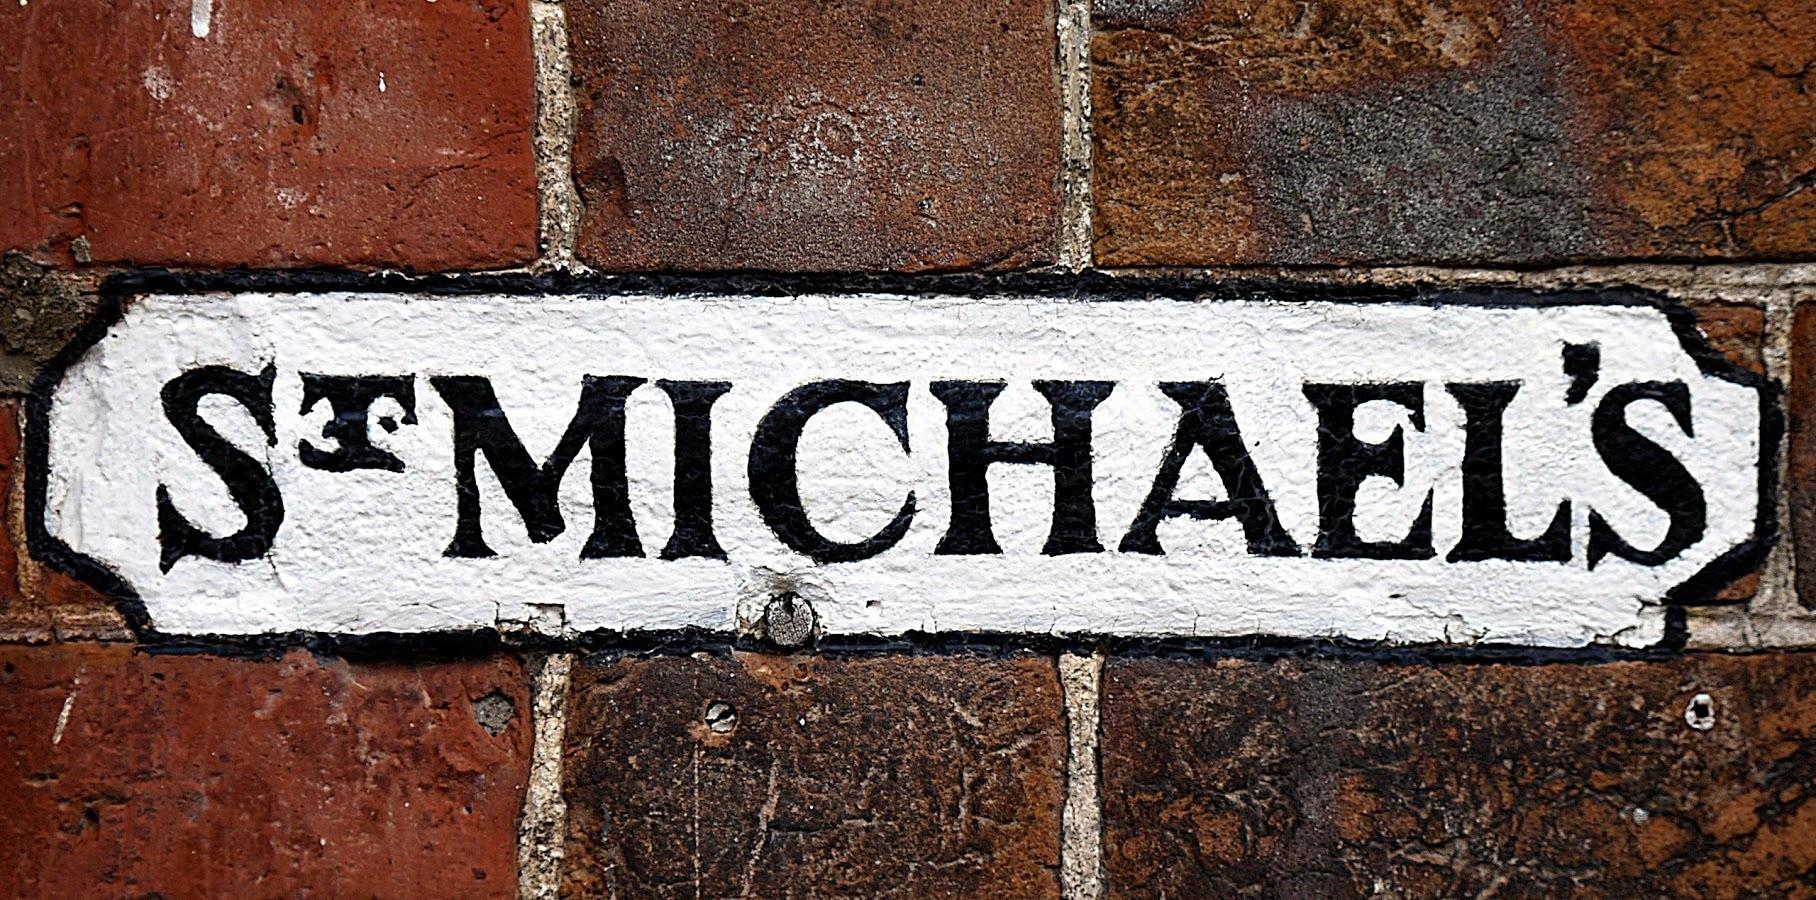 st.michaels by james arthur